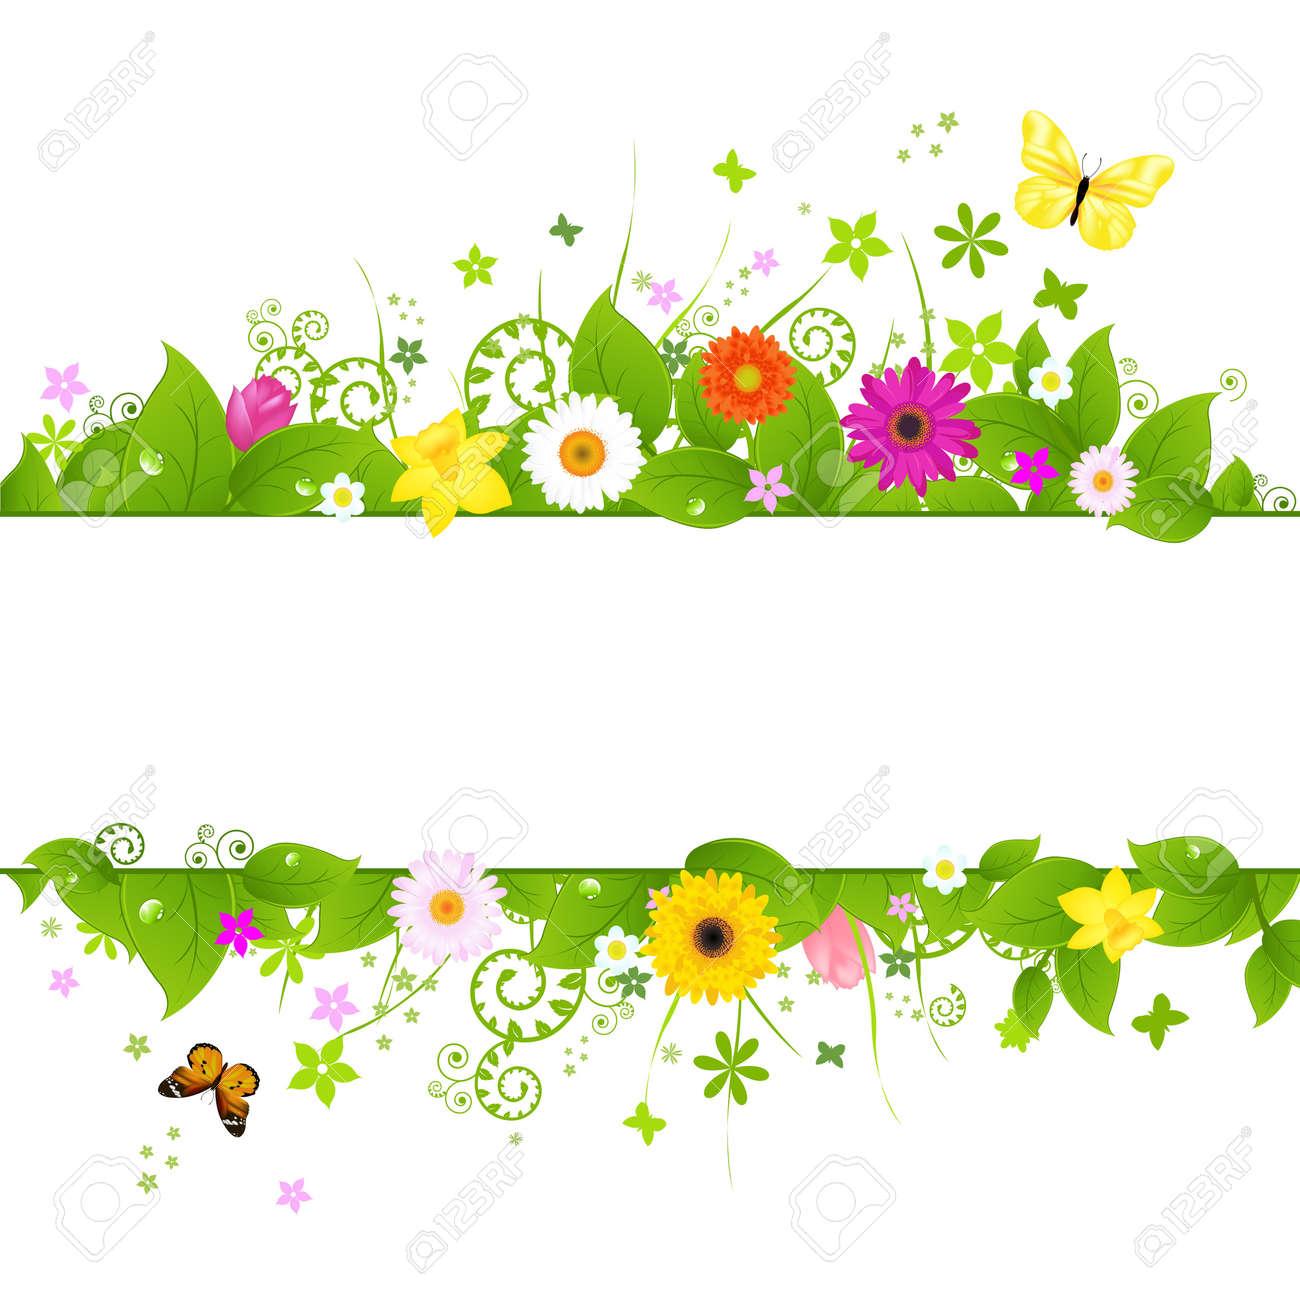 春の背景、白の背景、ベクトル イラスト上に分離されて ロイヤリティ